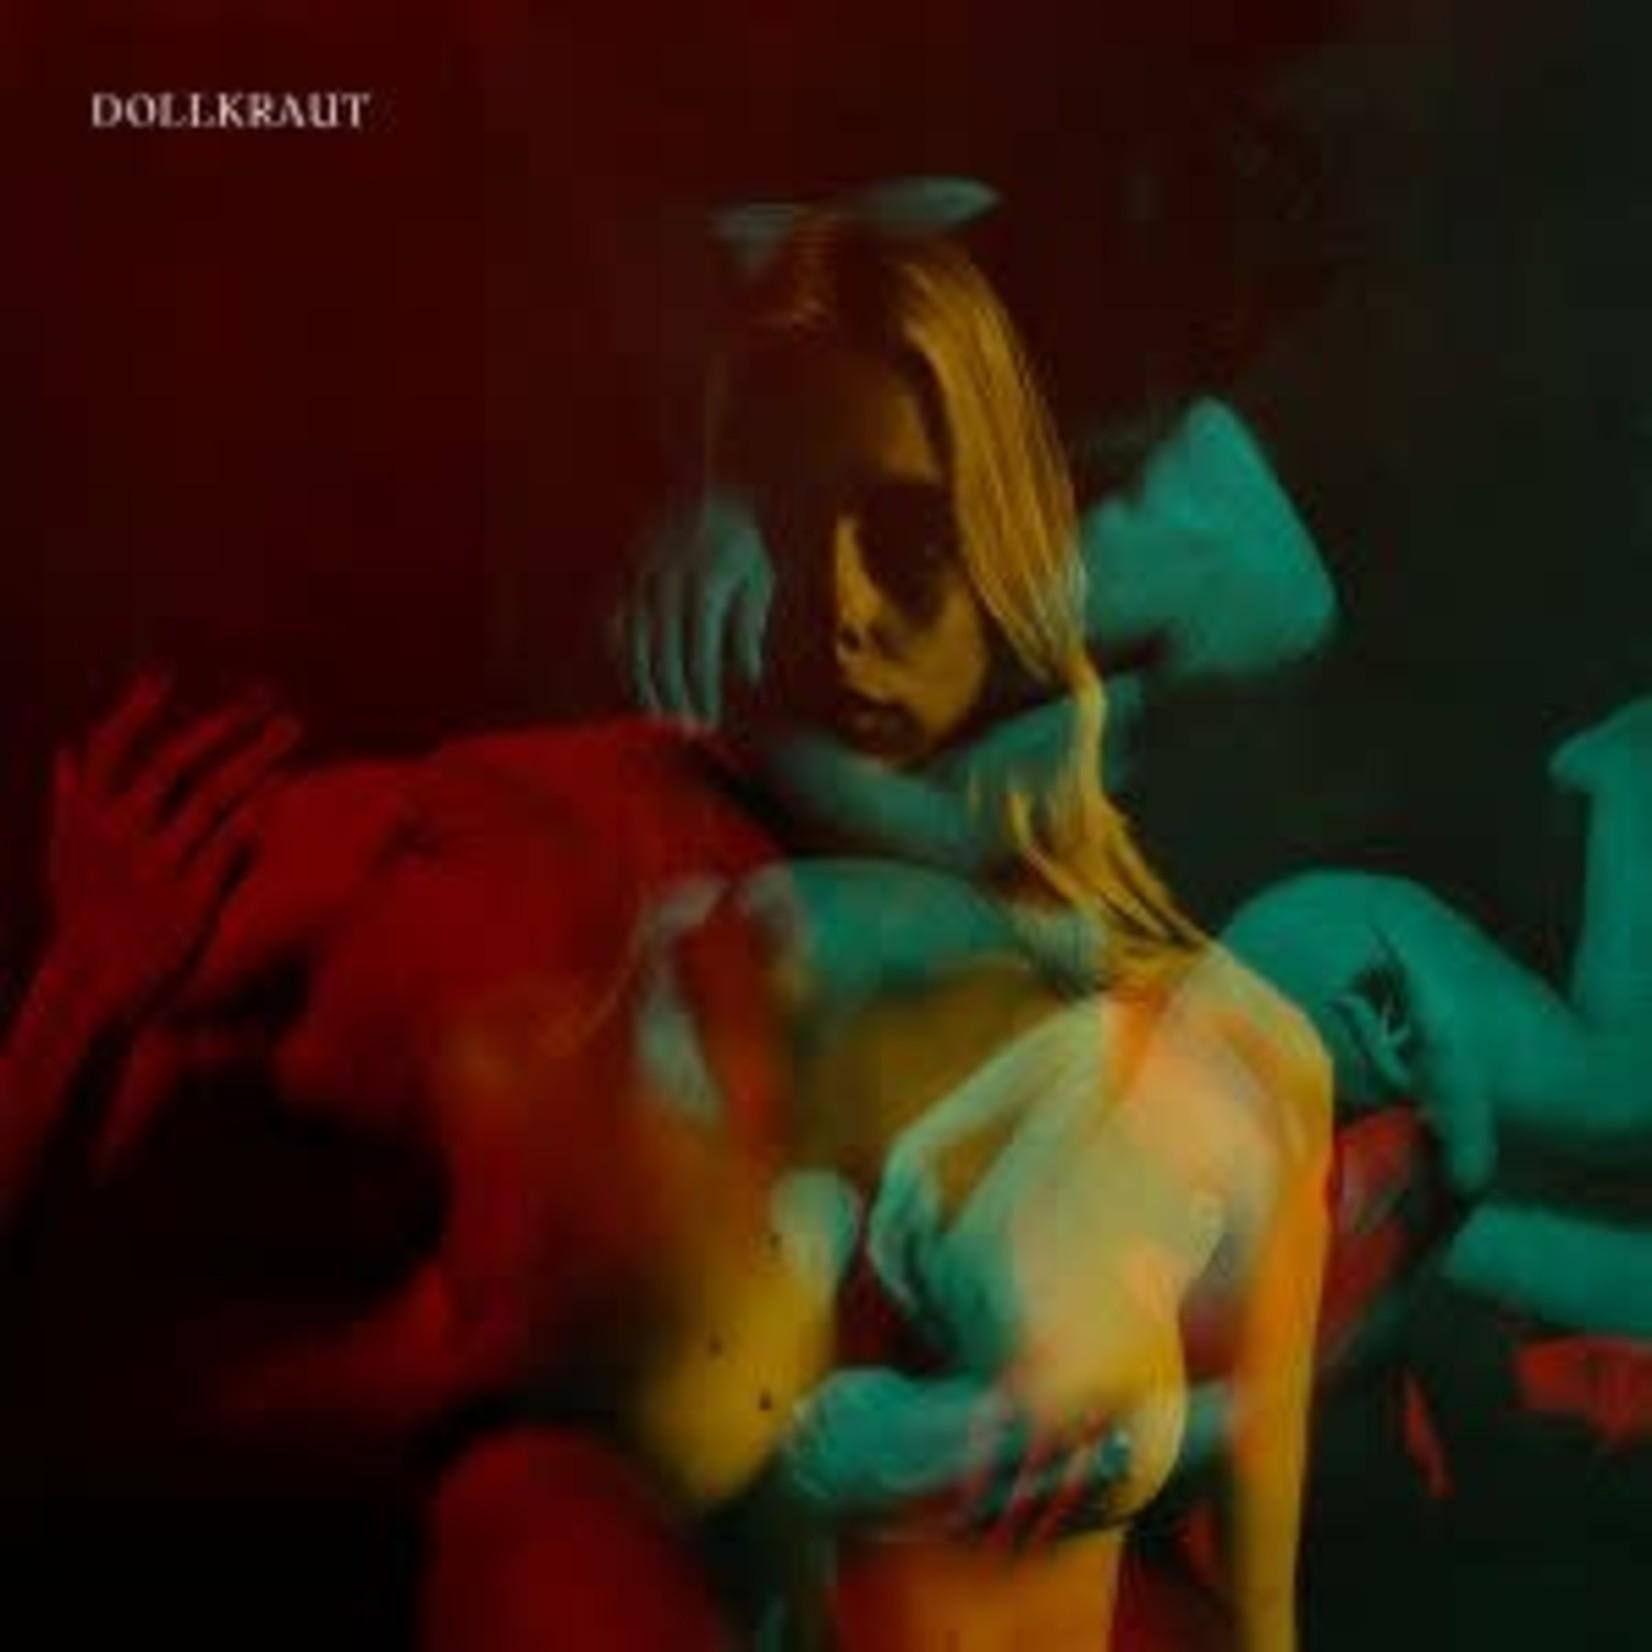 Dollkraut - Holy ghost people   (VINYL)